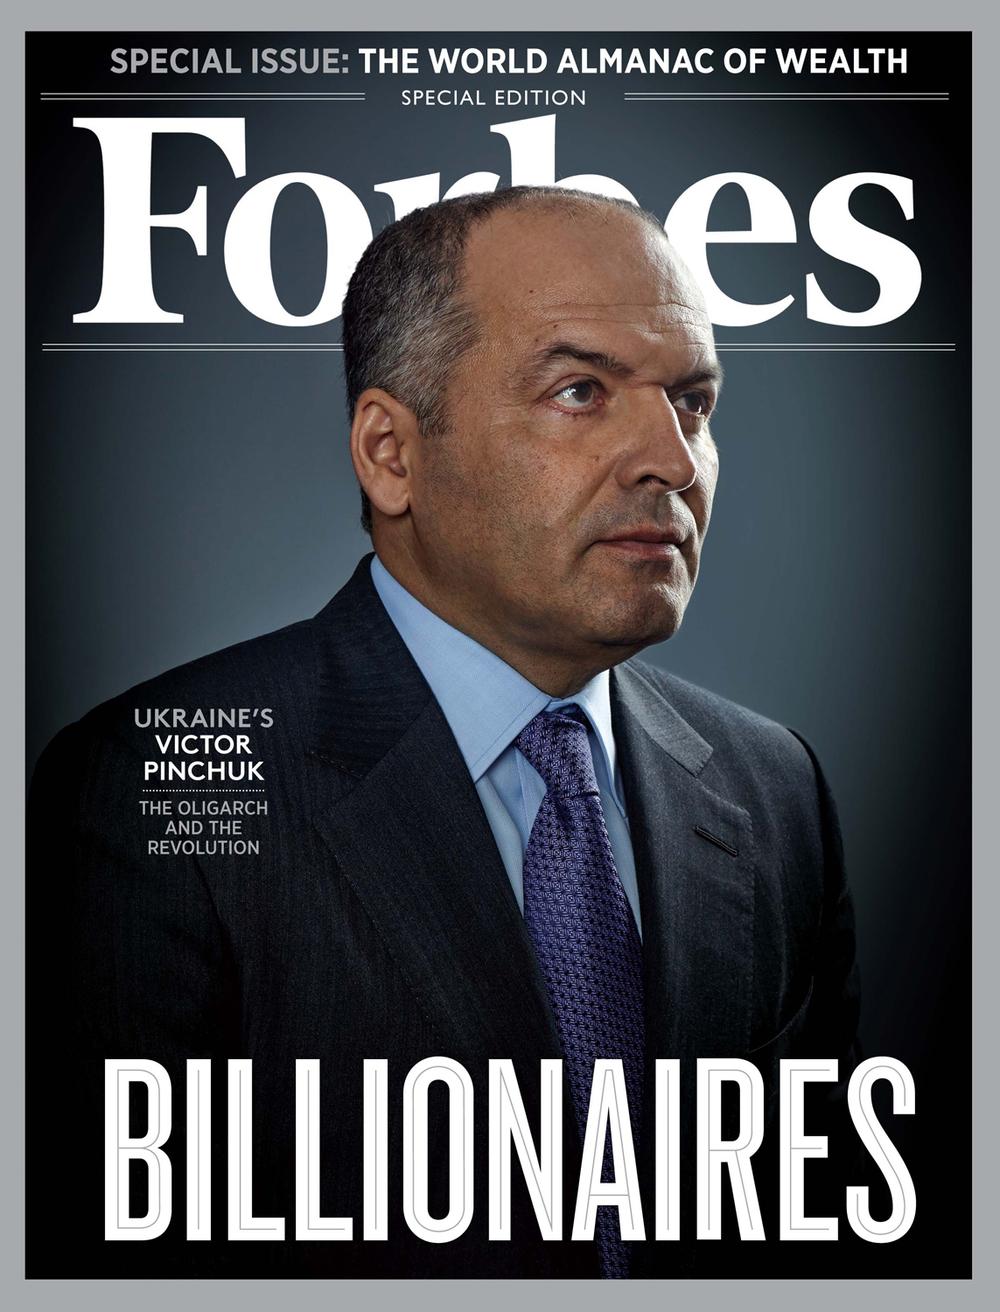 billionaires-forbes#2777B80.jpg